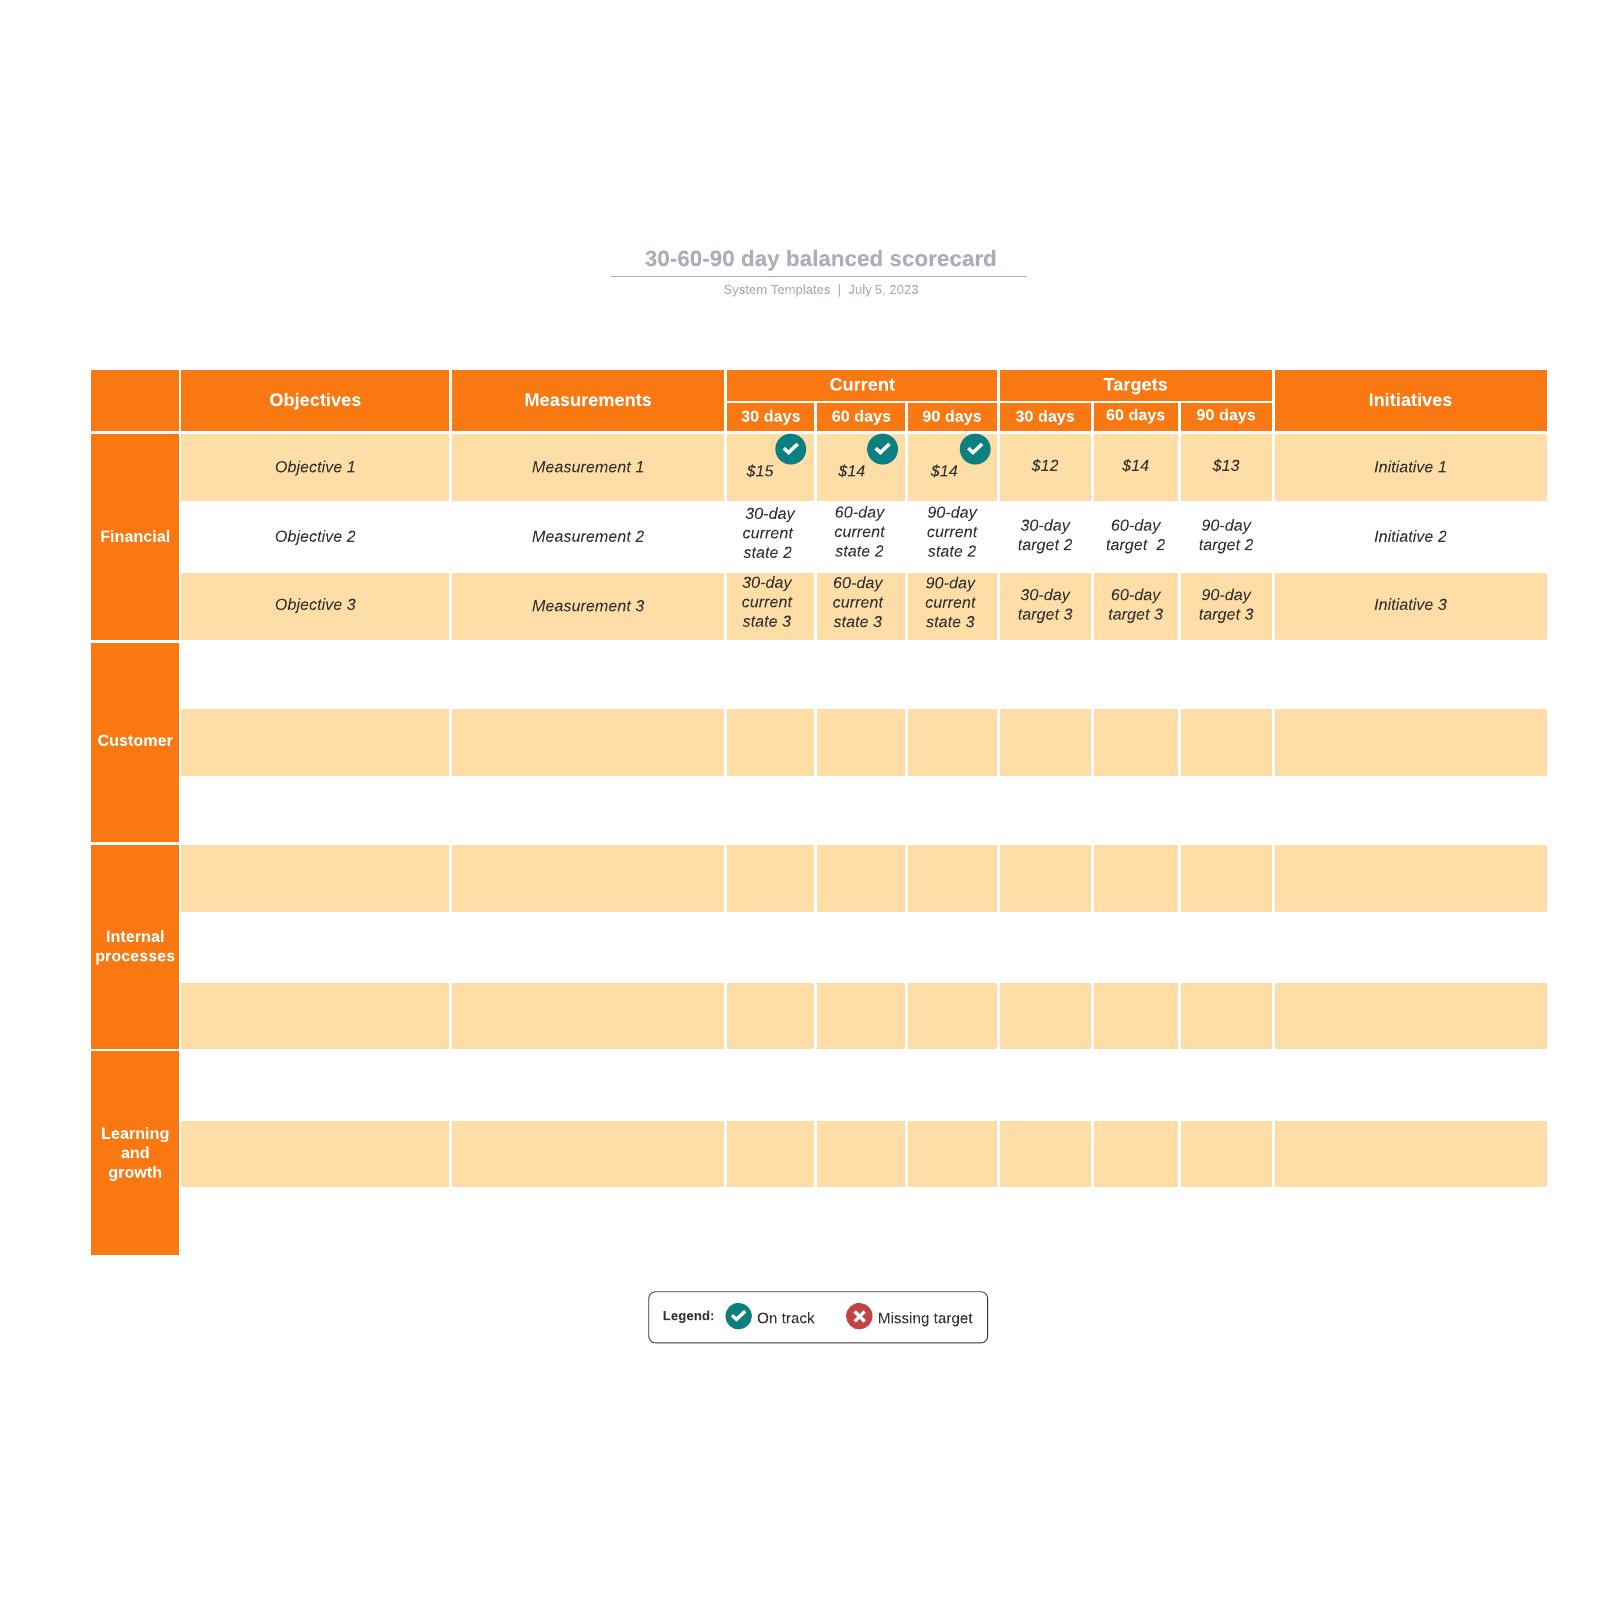 30-60-90 day balanced scorecard